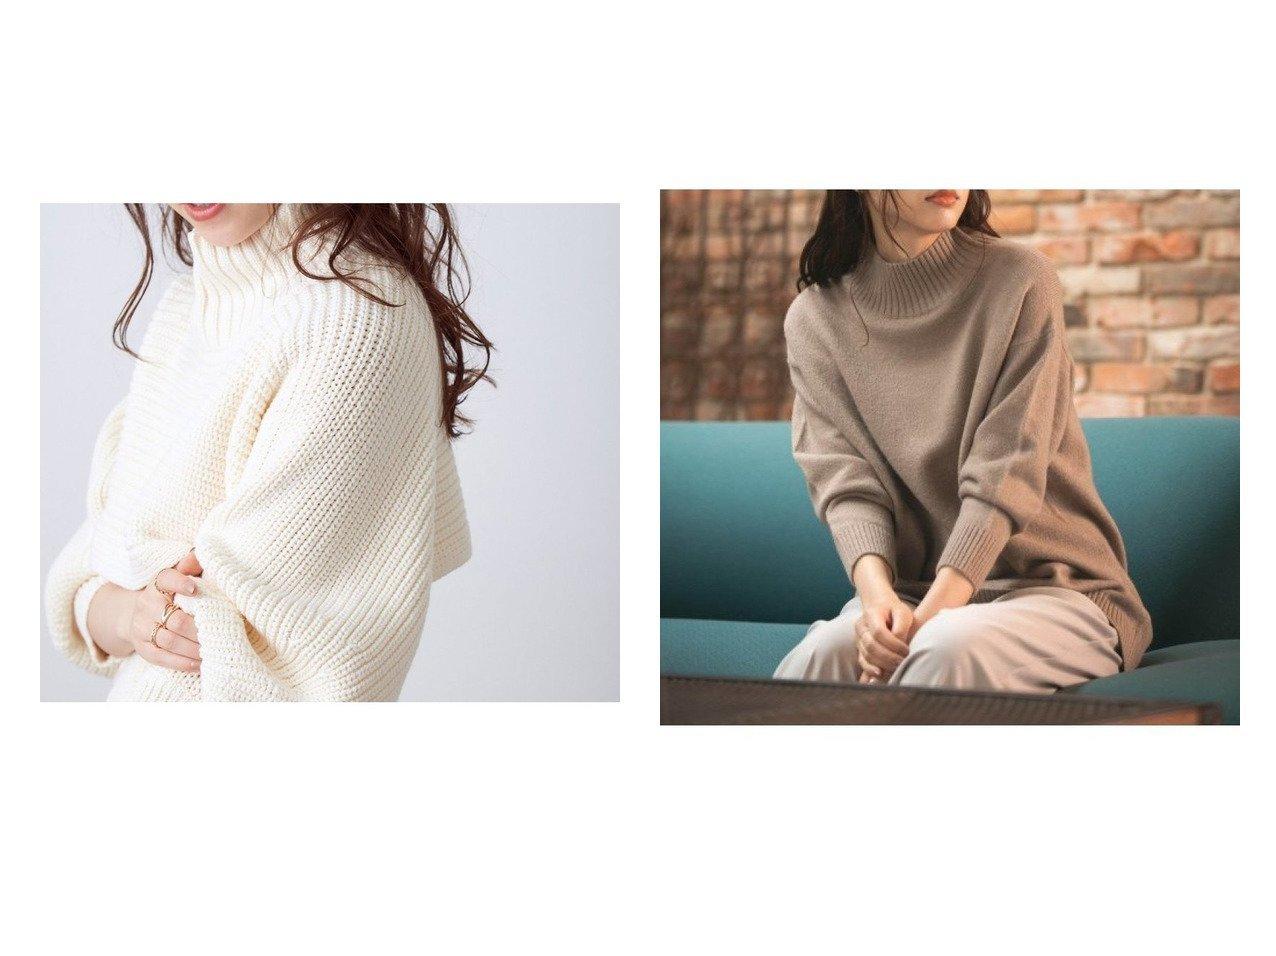 【GLOBAL WORK/グローバルワーク】のマシュマロタッチチュニックPO&【VIS/ビス】の綿アクリル畦編みアンサンブル トップス・カットソーのおすすめ!人気、レディースファッションの通販  おすすめで人気のファッション通販商品 インテリア・家具・キッズファッション・メンズファッション・レディースファッション・服の通販 founy(ファニー) https://founy.com/ ファッション Fashion レディース WOMEN トップス Tops Tshirt アンサンブル Knit Ensemble カットソー Cut and Sewn 畦編みニット Cardigan Stitch ニット Knit Tops アクリル アンサンブル カットソー ショート タートルネック ノースリーブ 畦 ストレッチ チュニック リラックス 長袖 |ID:crp329100000002095